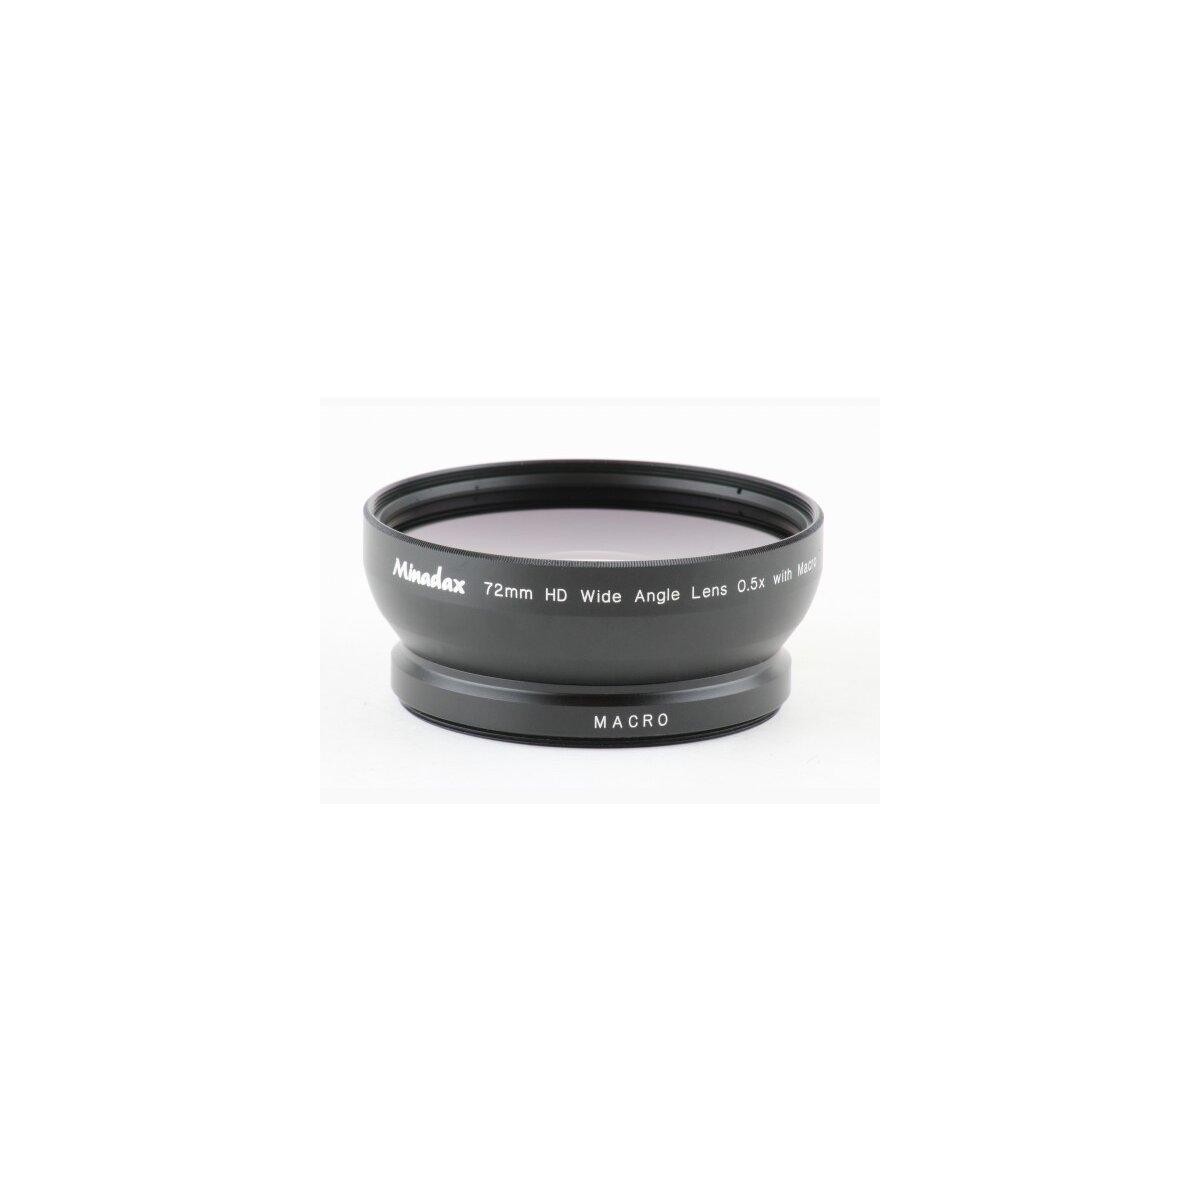 0.5x Minadax Weitwinkel Vorsatz mit Makrolinse kompatibel mit Sony HDR-AX2000, HDR-FX1, HDR-FX1000, HXR-NX5, HVR-Z1, HVR-Z5, HVR-Z7, HVR-S270